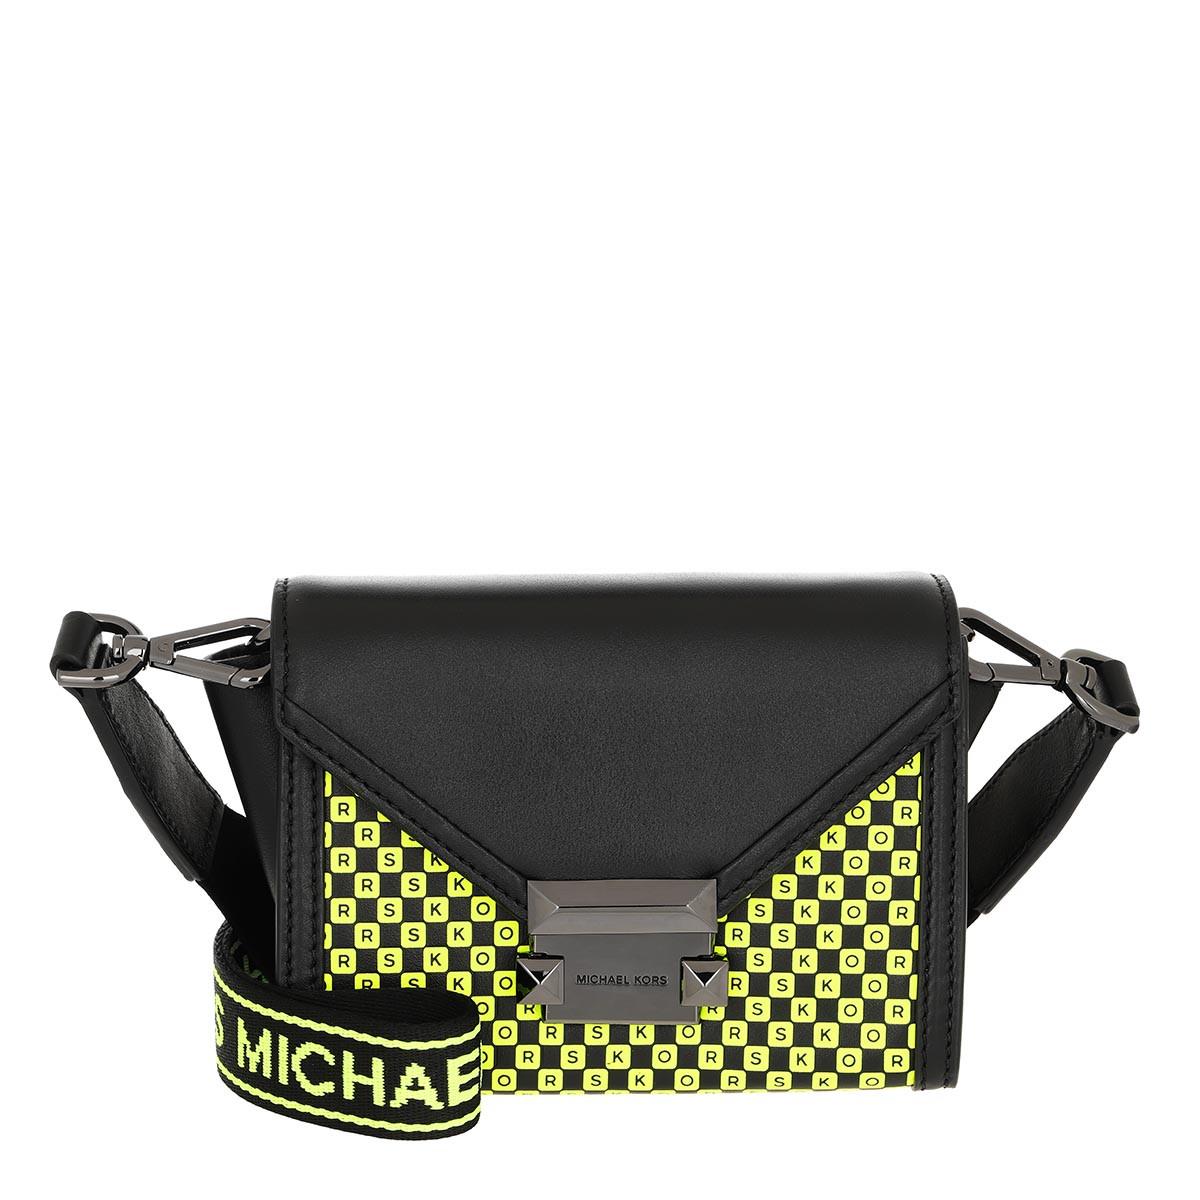 Michael Kors Umhängetasche - Whitney Xs Belt Bag Black/Neon Yellow - in schwarz - für Damen